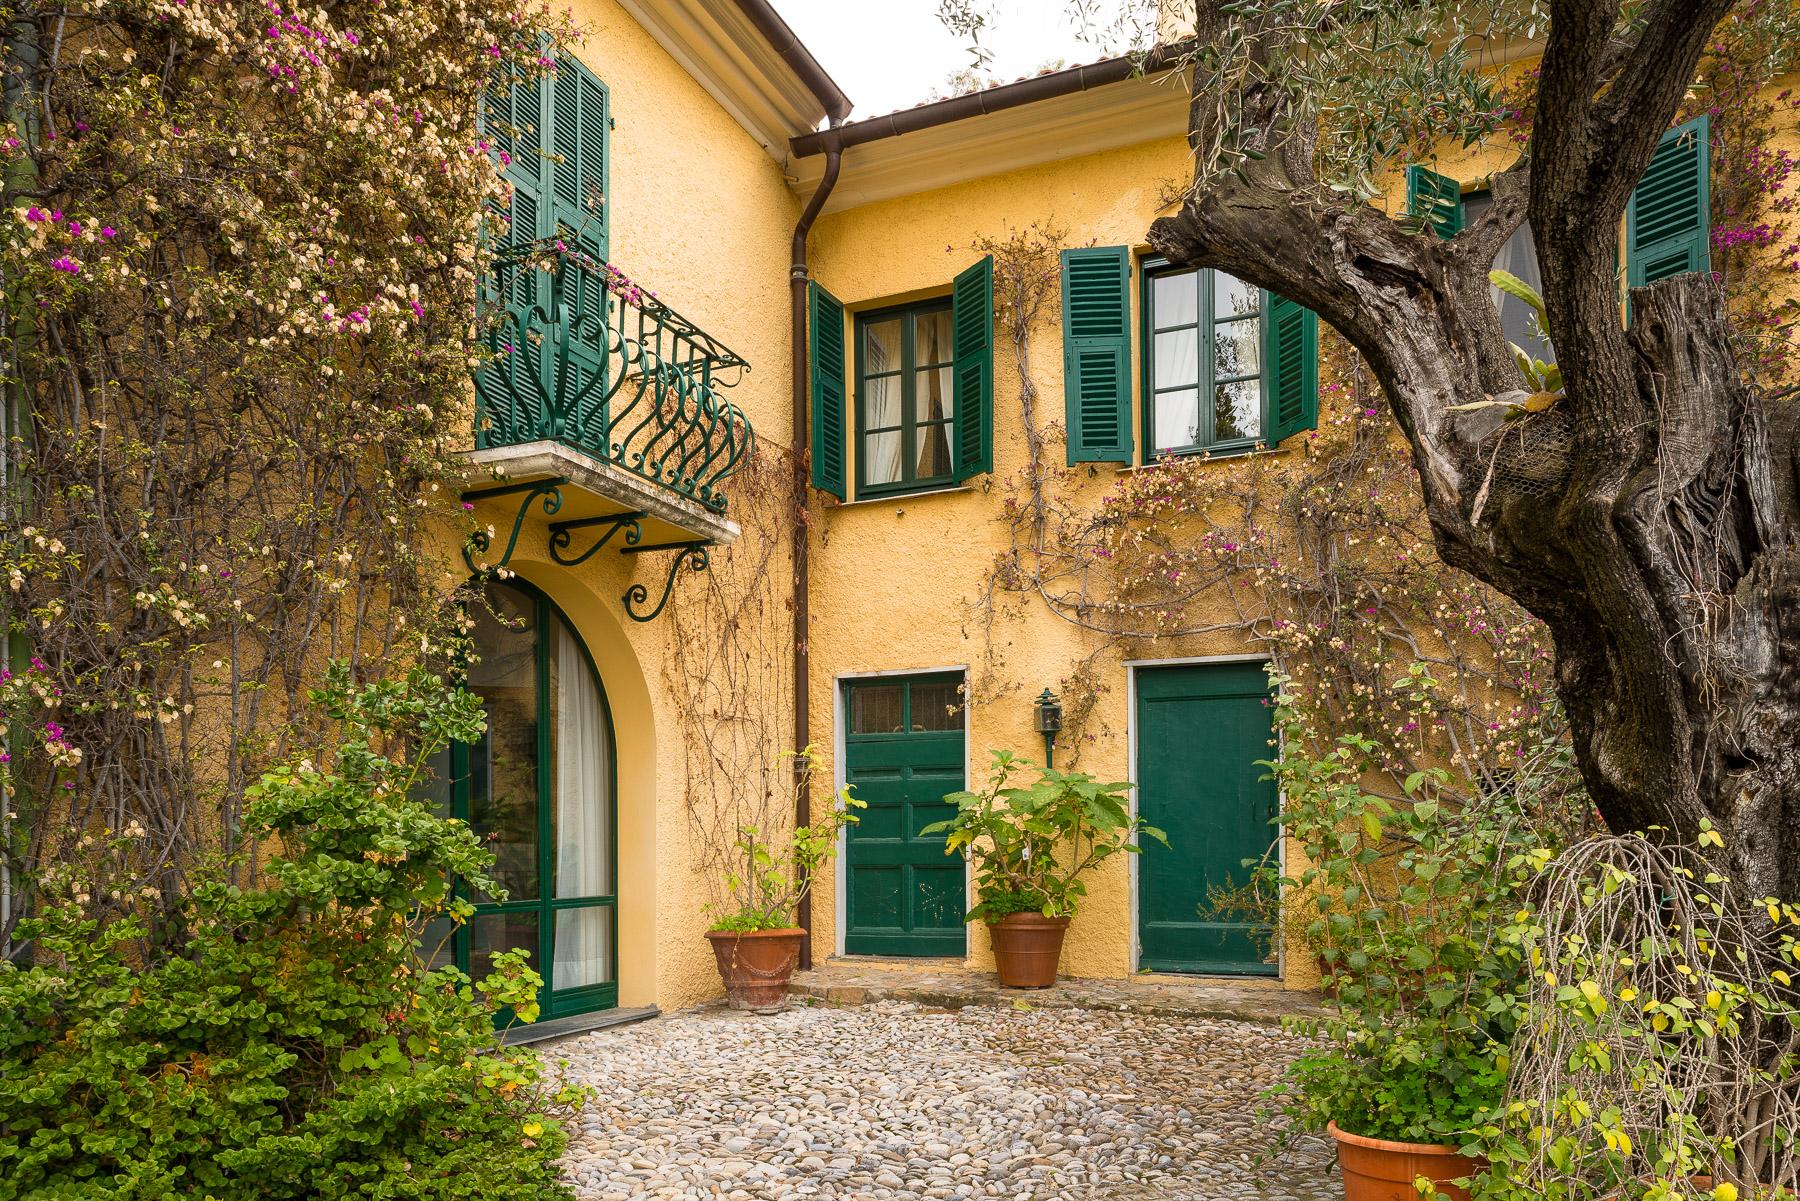 Appartamento in Vendita a Ventimiglia corso arturo toscanini